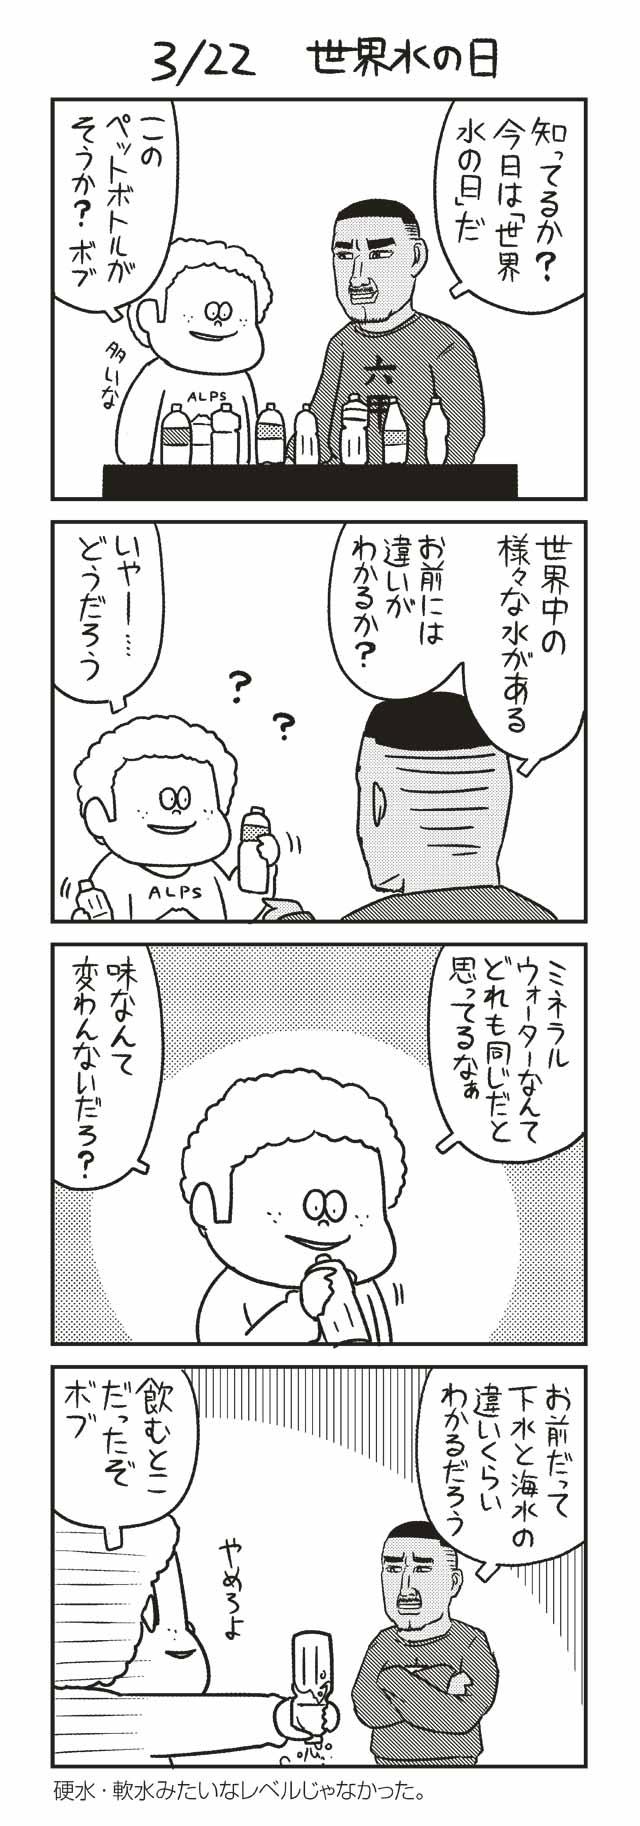 3/22 世界水の日 『ノヒマンガ』 ポン